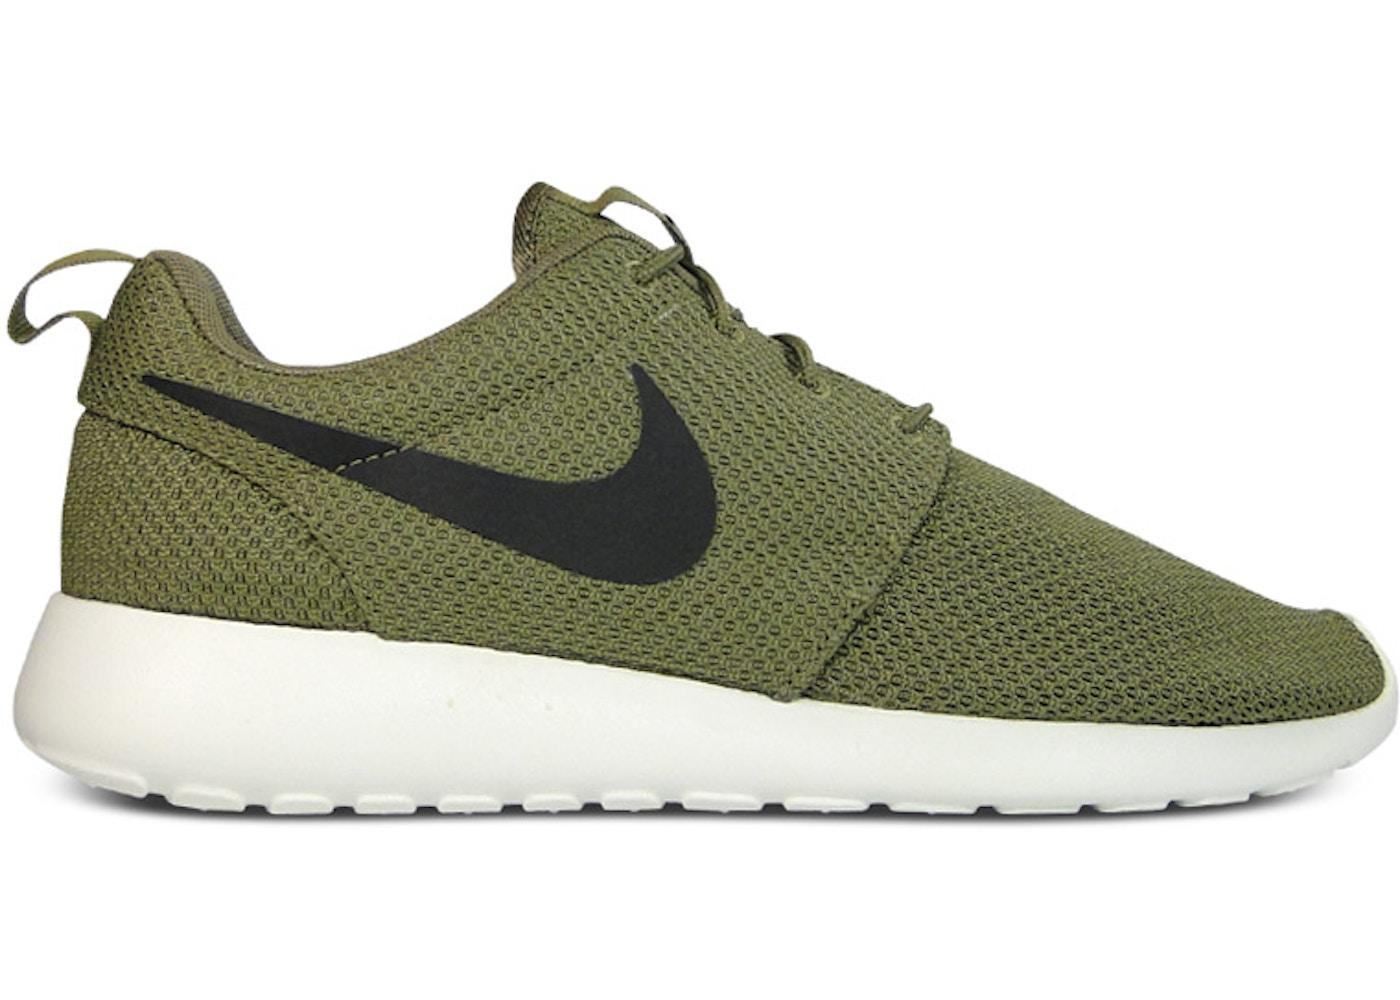 7d422b8ce706 Nike Roshe Run Iguana - 511881-201